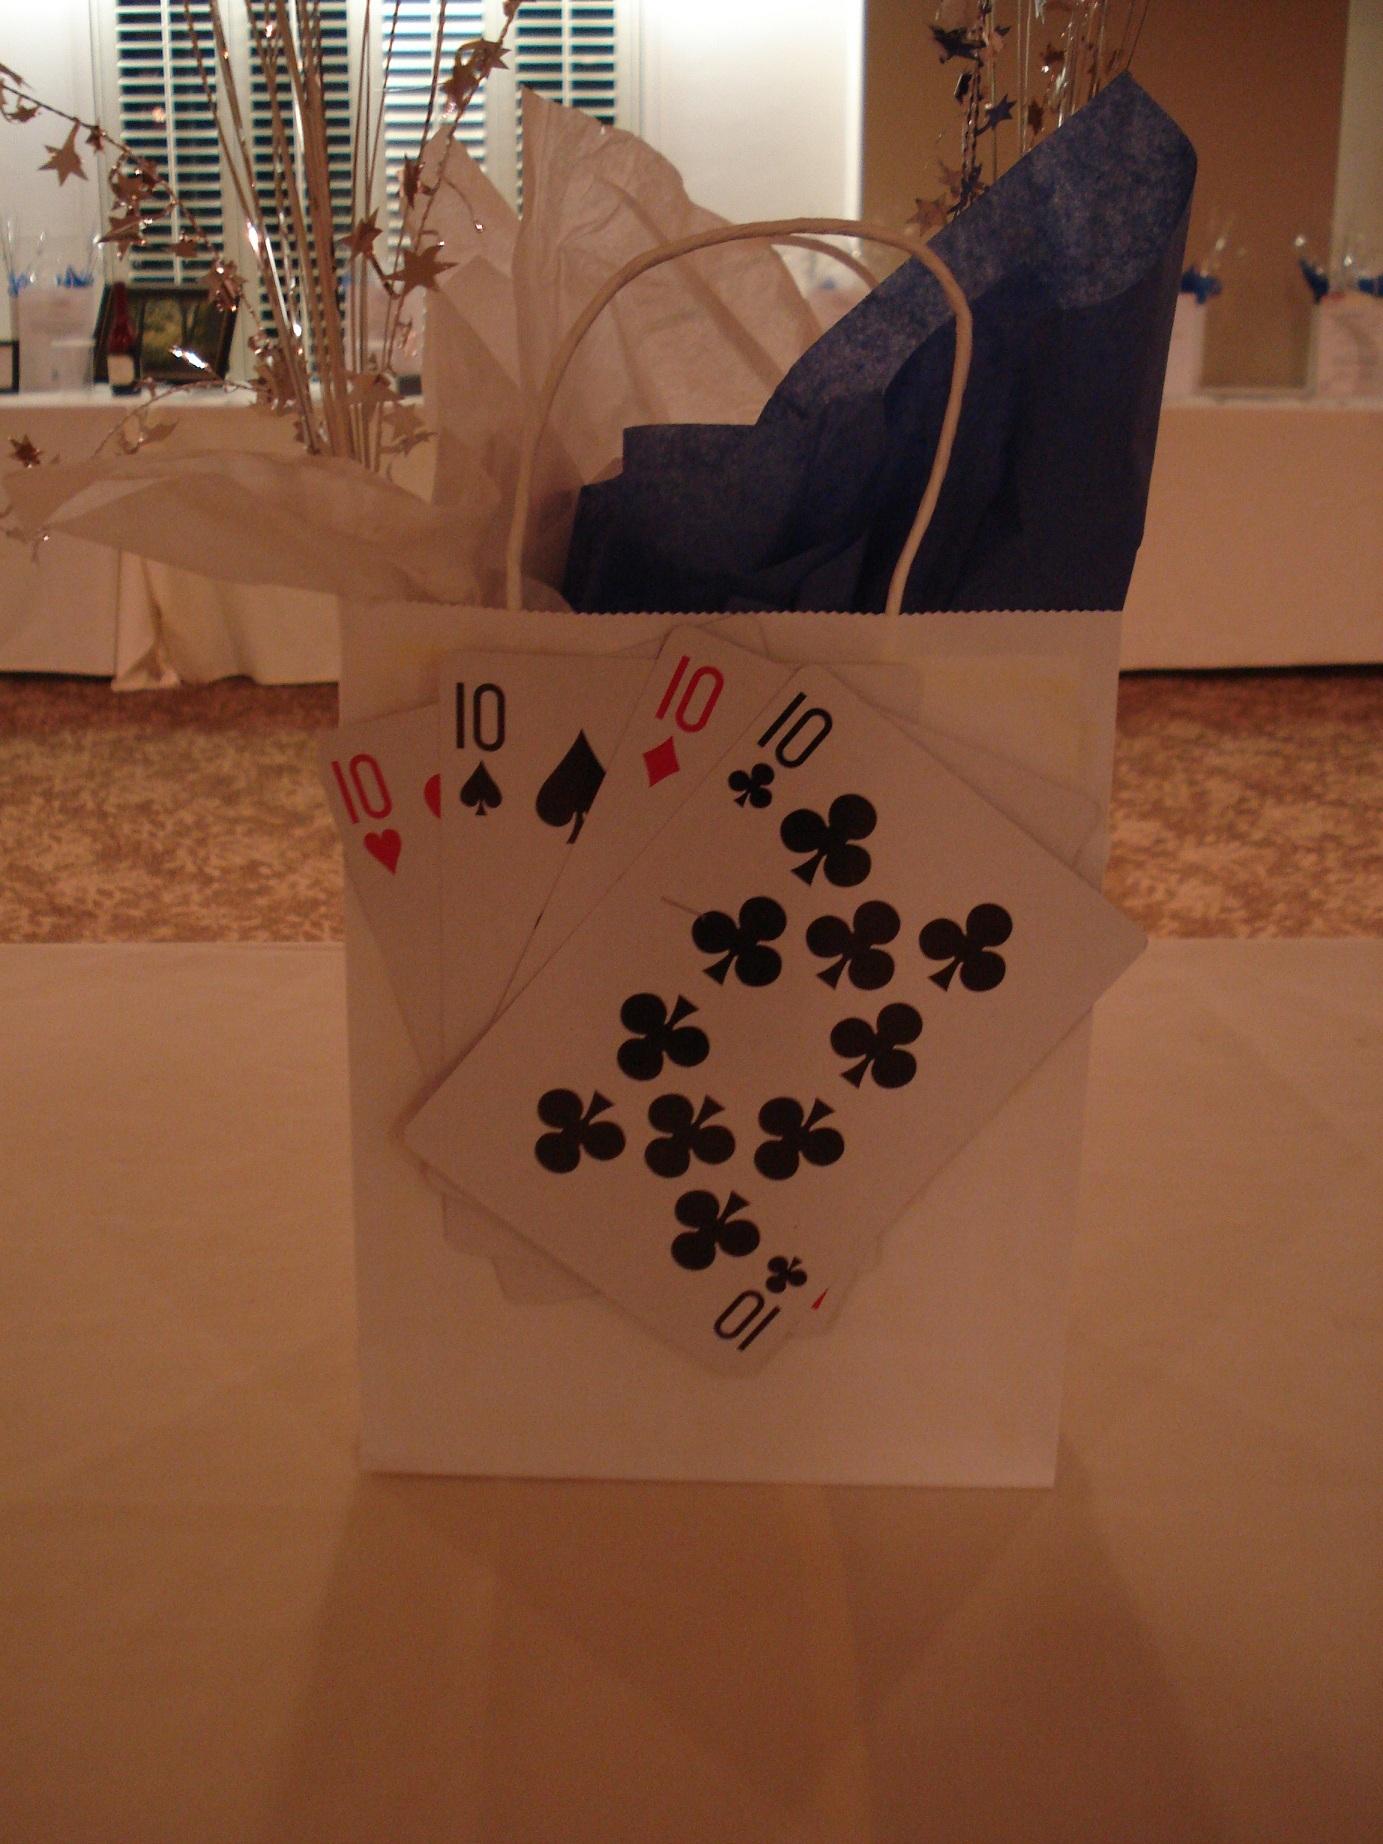 c5a133b22ae2f8a81ac9_Casino_Night_004.JPG